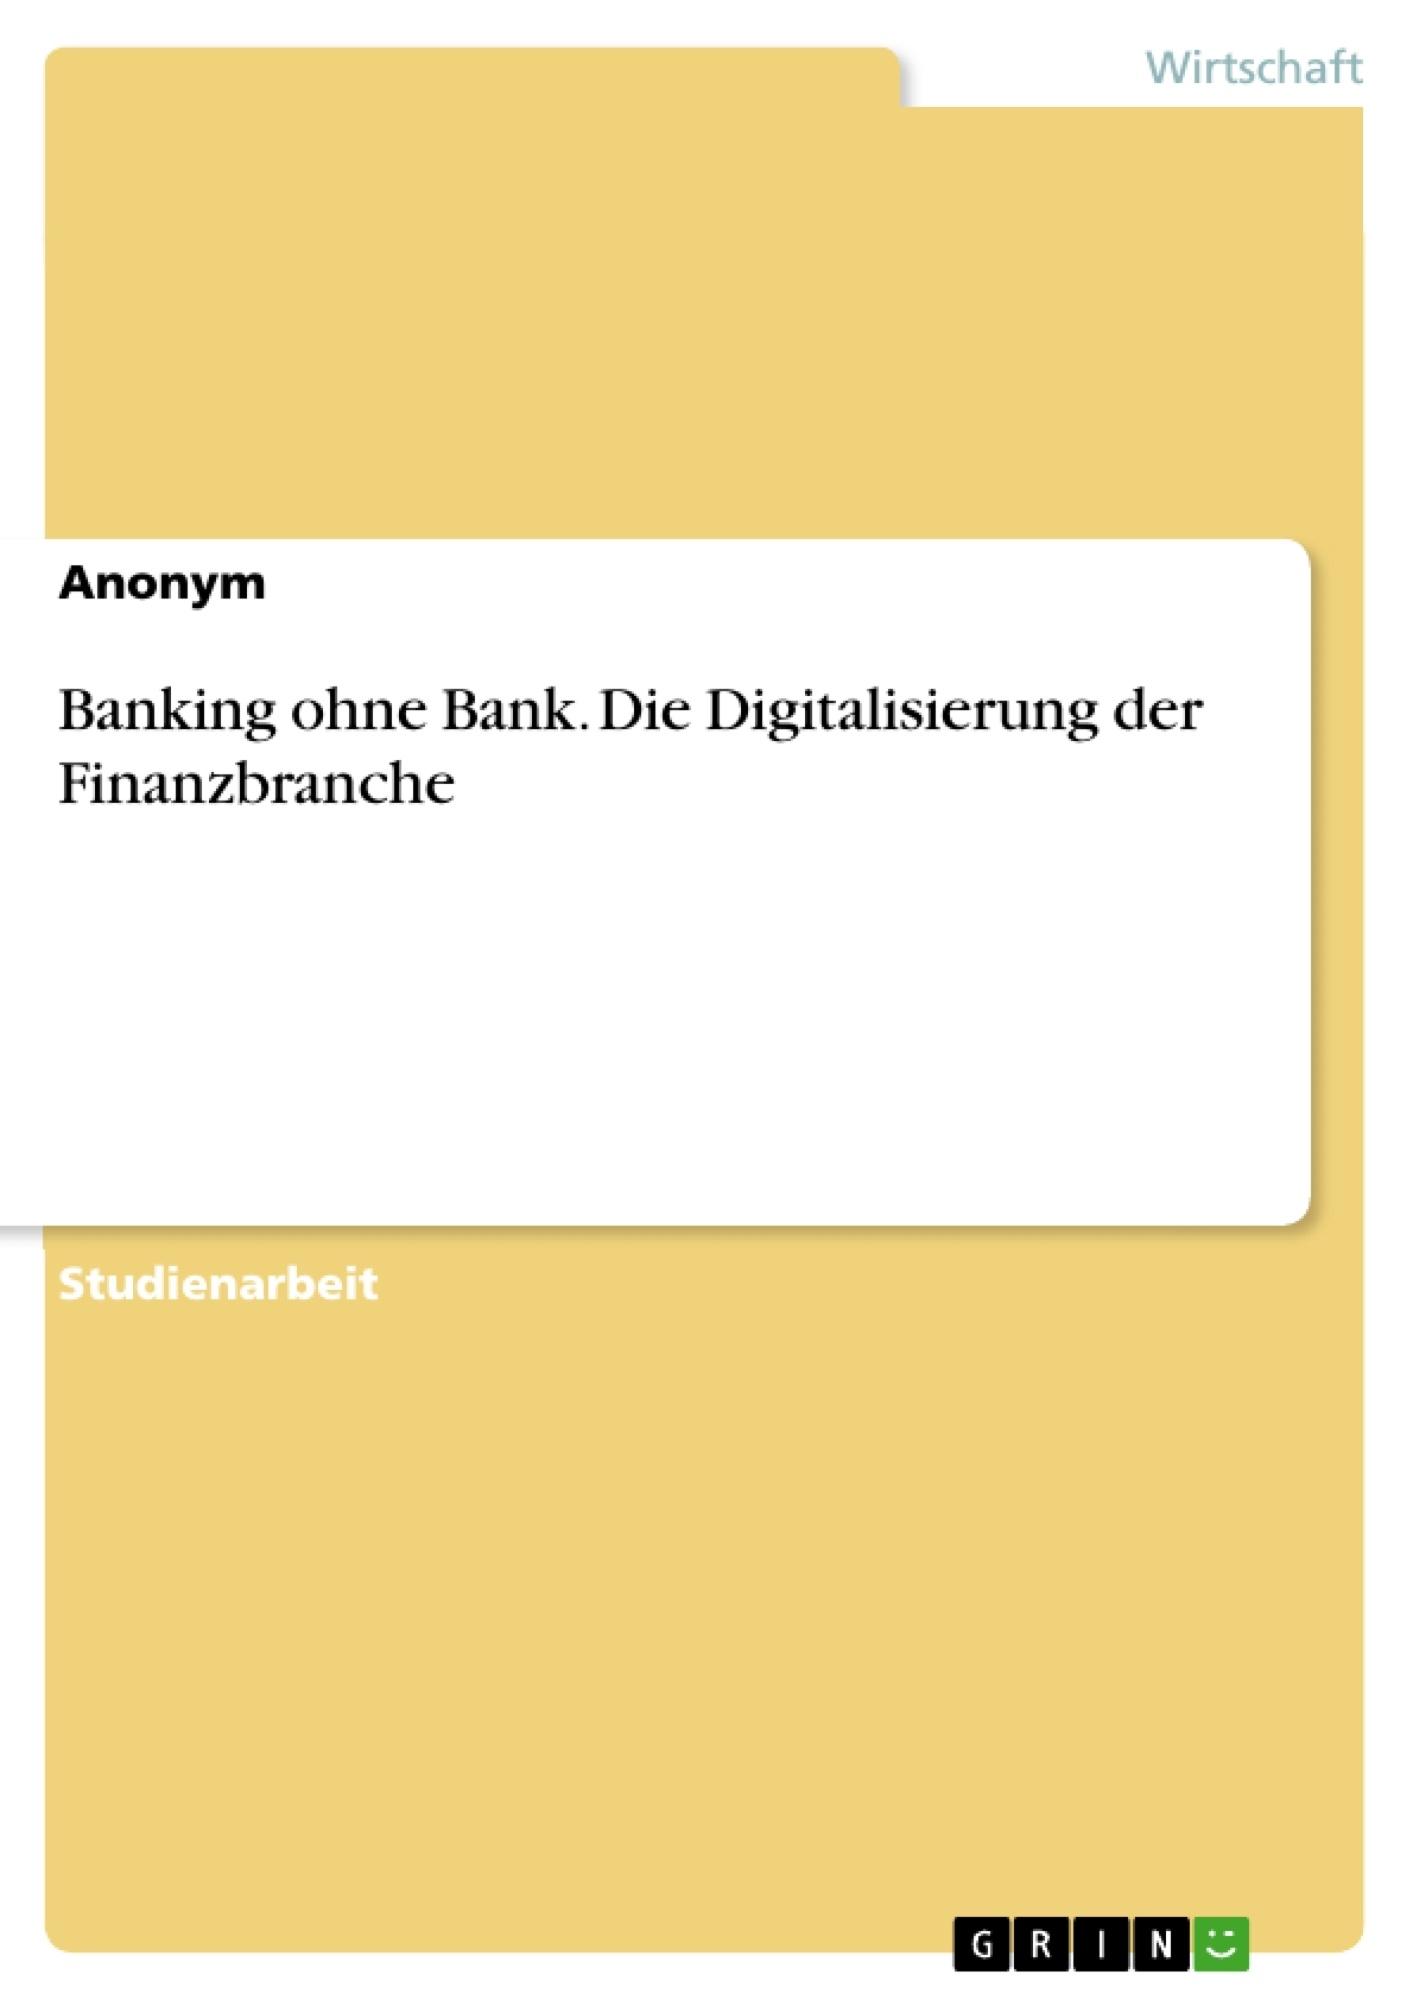 Titel: Banking ohne Bank. Die Digitalisierung der Finanzbranche